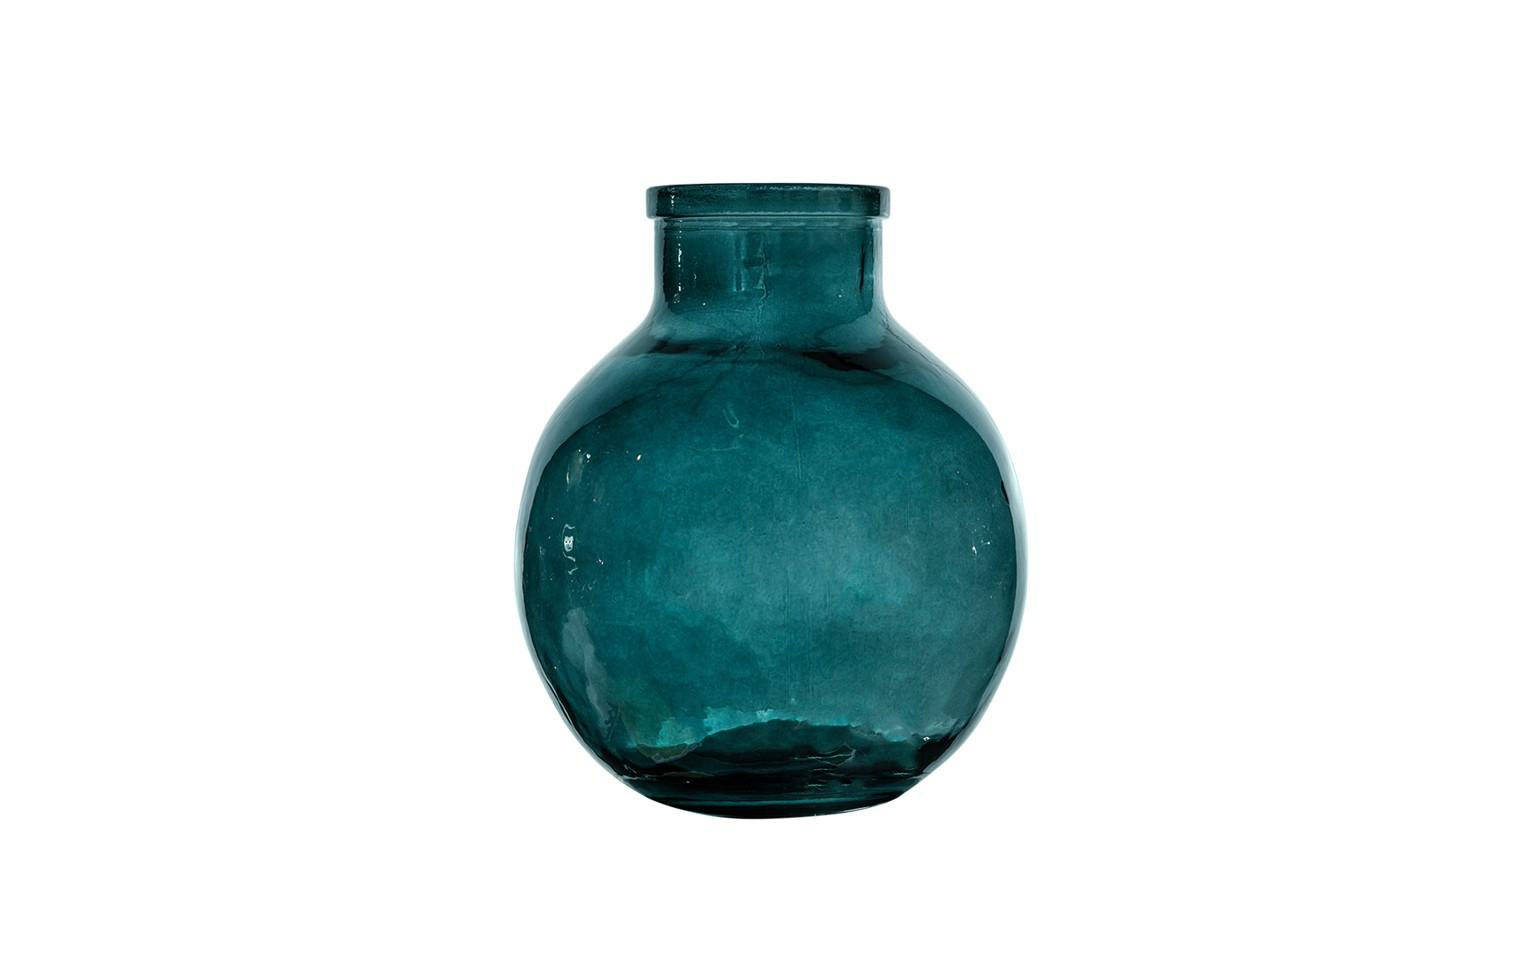 БутыльВазы<br>San Miguel (Испания) – это мощнейшая компания, которая занимается производством очень качественной и оригинальной продукции из переработанного стекла. Vidrios San Miguel известный бренд во всем мире. В наши дни, Vidrios San Miguel имеет более чем 25 000 торговых точек. Vidrios San Miguel занимается производством стеклянных изделий: посуда, бутылки, вазы, сувениры, украшения и многое другое.<br><br>Material: Стекло<br>Height см: 29<br>Diameter см: 24